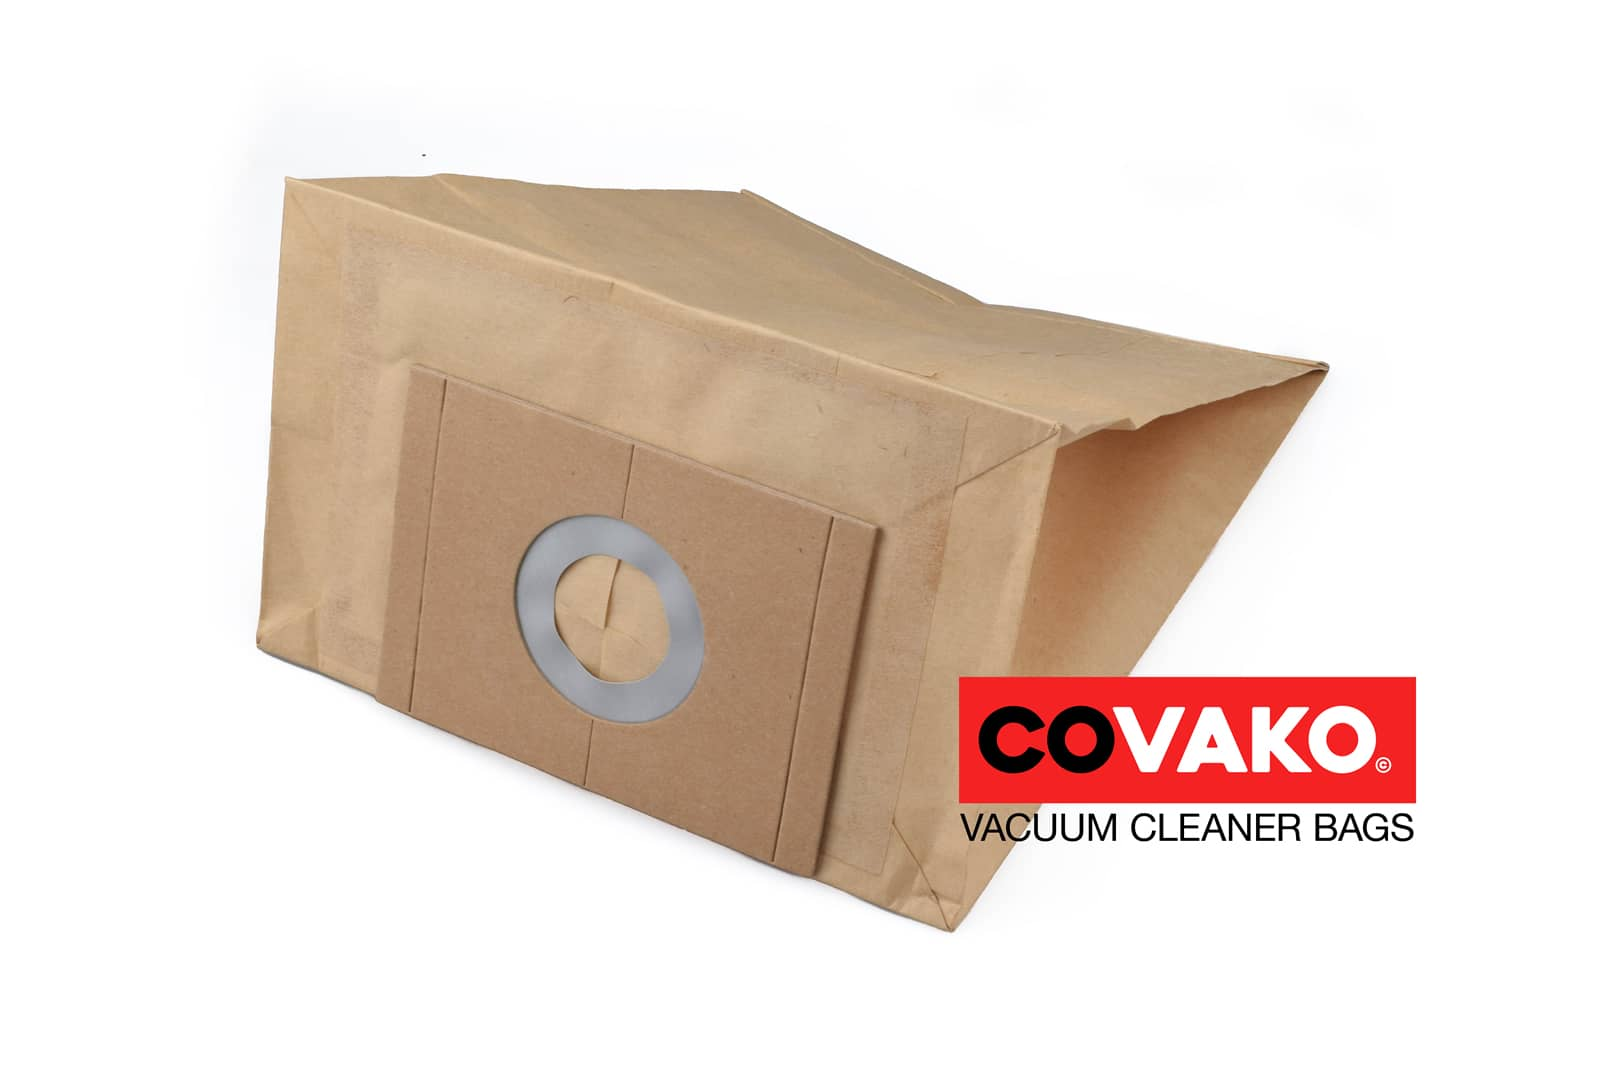 IPC Jet T 117 / Paper - IPC vacuum cleaner bags